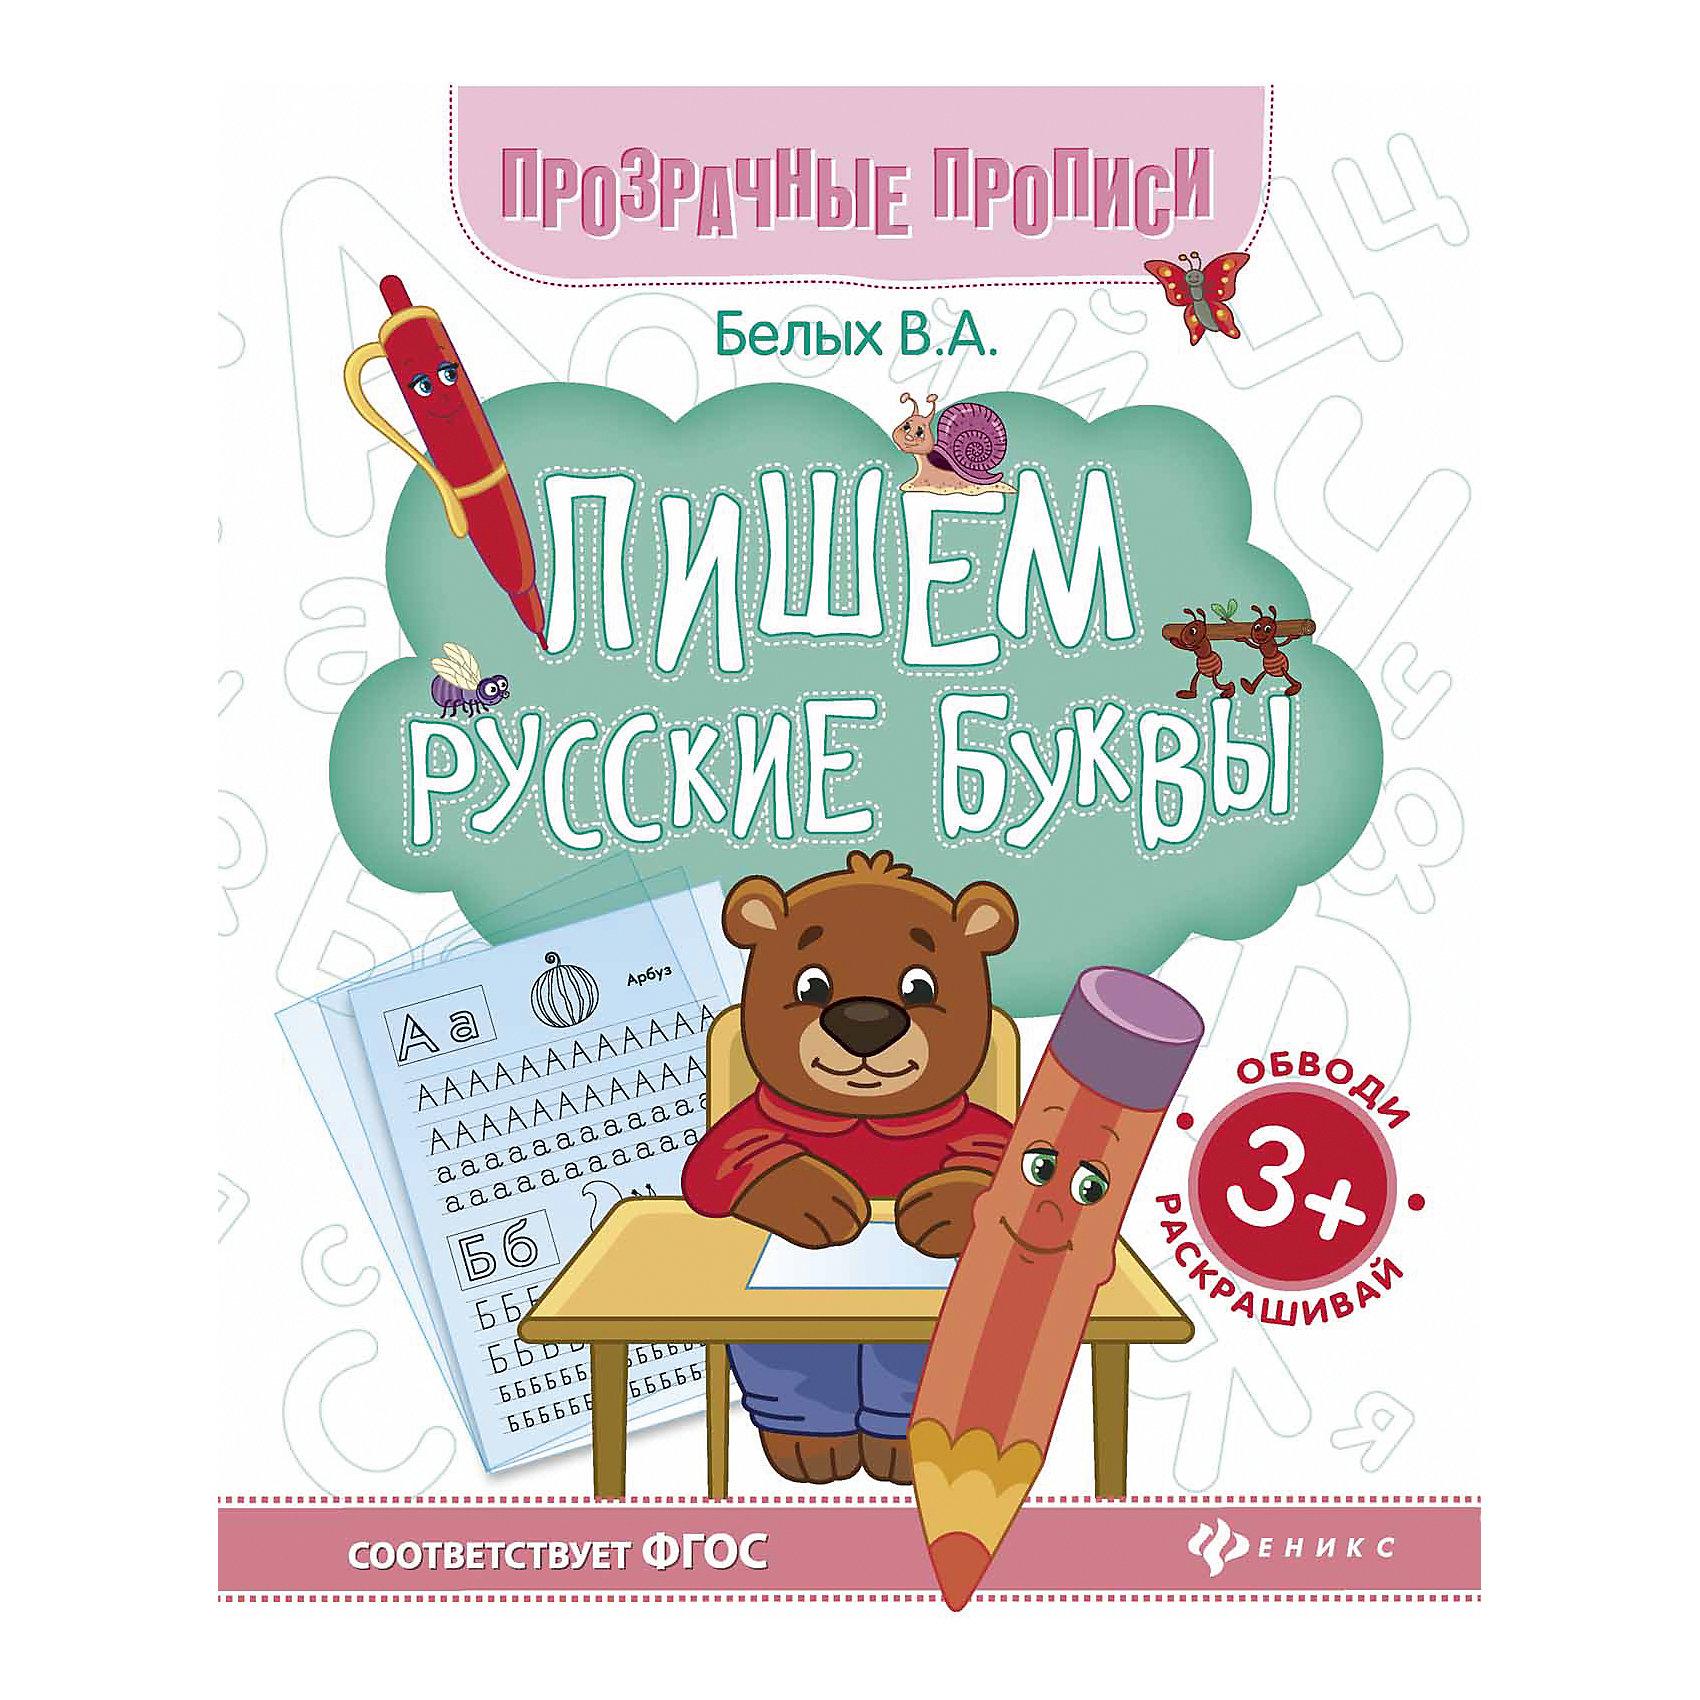 Книга Пишем русские буквыКнига Пишем русские буквы<br><br>Характеристики: <br><br>• Кол-во страниц: 64<br>• ISBN: 9785222273968<br>• Возраст: 3+<br>• Обложка: мягкая<br>• Формат: а4<br><br>Эта книга сделана в необычном формате - с полупрозрачными страничками, через которые ребенок сможет копировать нужные символы, обводя их ручкой или карандашом. Такой способ позволяет ребенку быстрее запомнить нужные символы и легче воспроизводить их в свободном письме. Благодаря этой книге ребенок научится писать русские буквы.<br><br>Книга Пишем русские буквы можно купить в нашем интернет-магазине.<br><br>Ширина мм: 263<br>Глубина мм: 200<br>Высота мм: 30<br>Вес г: 126<br>Возраст от месяцев: -2147483648<br>Возраст до месяцев: 2147483647<br>Пол: Унисекс<br>Возраст: Детский<br>SKU: 5464530